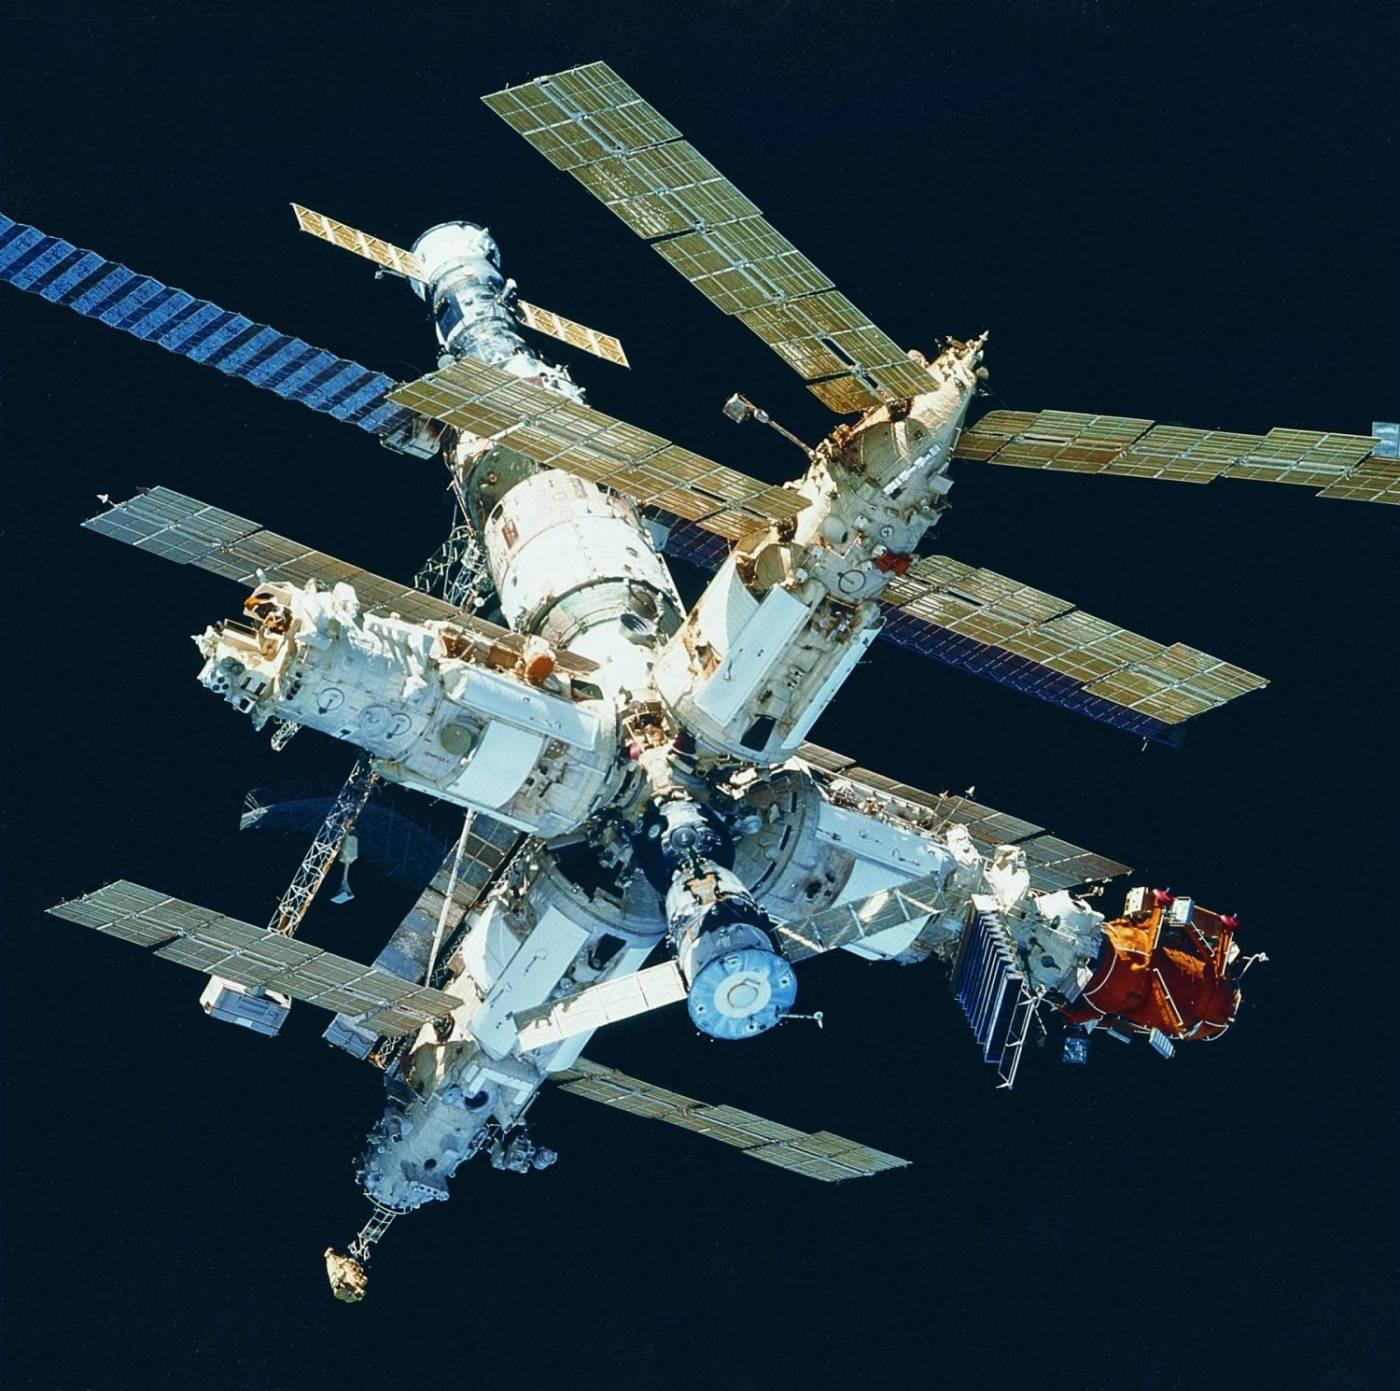 Estação espacial MIR que funcionou até 2001,de propriedade Russa.